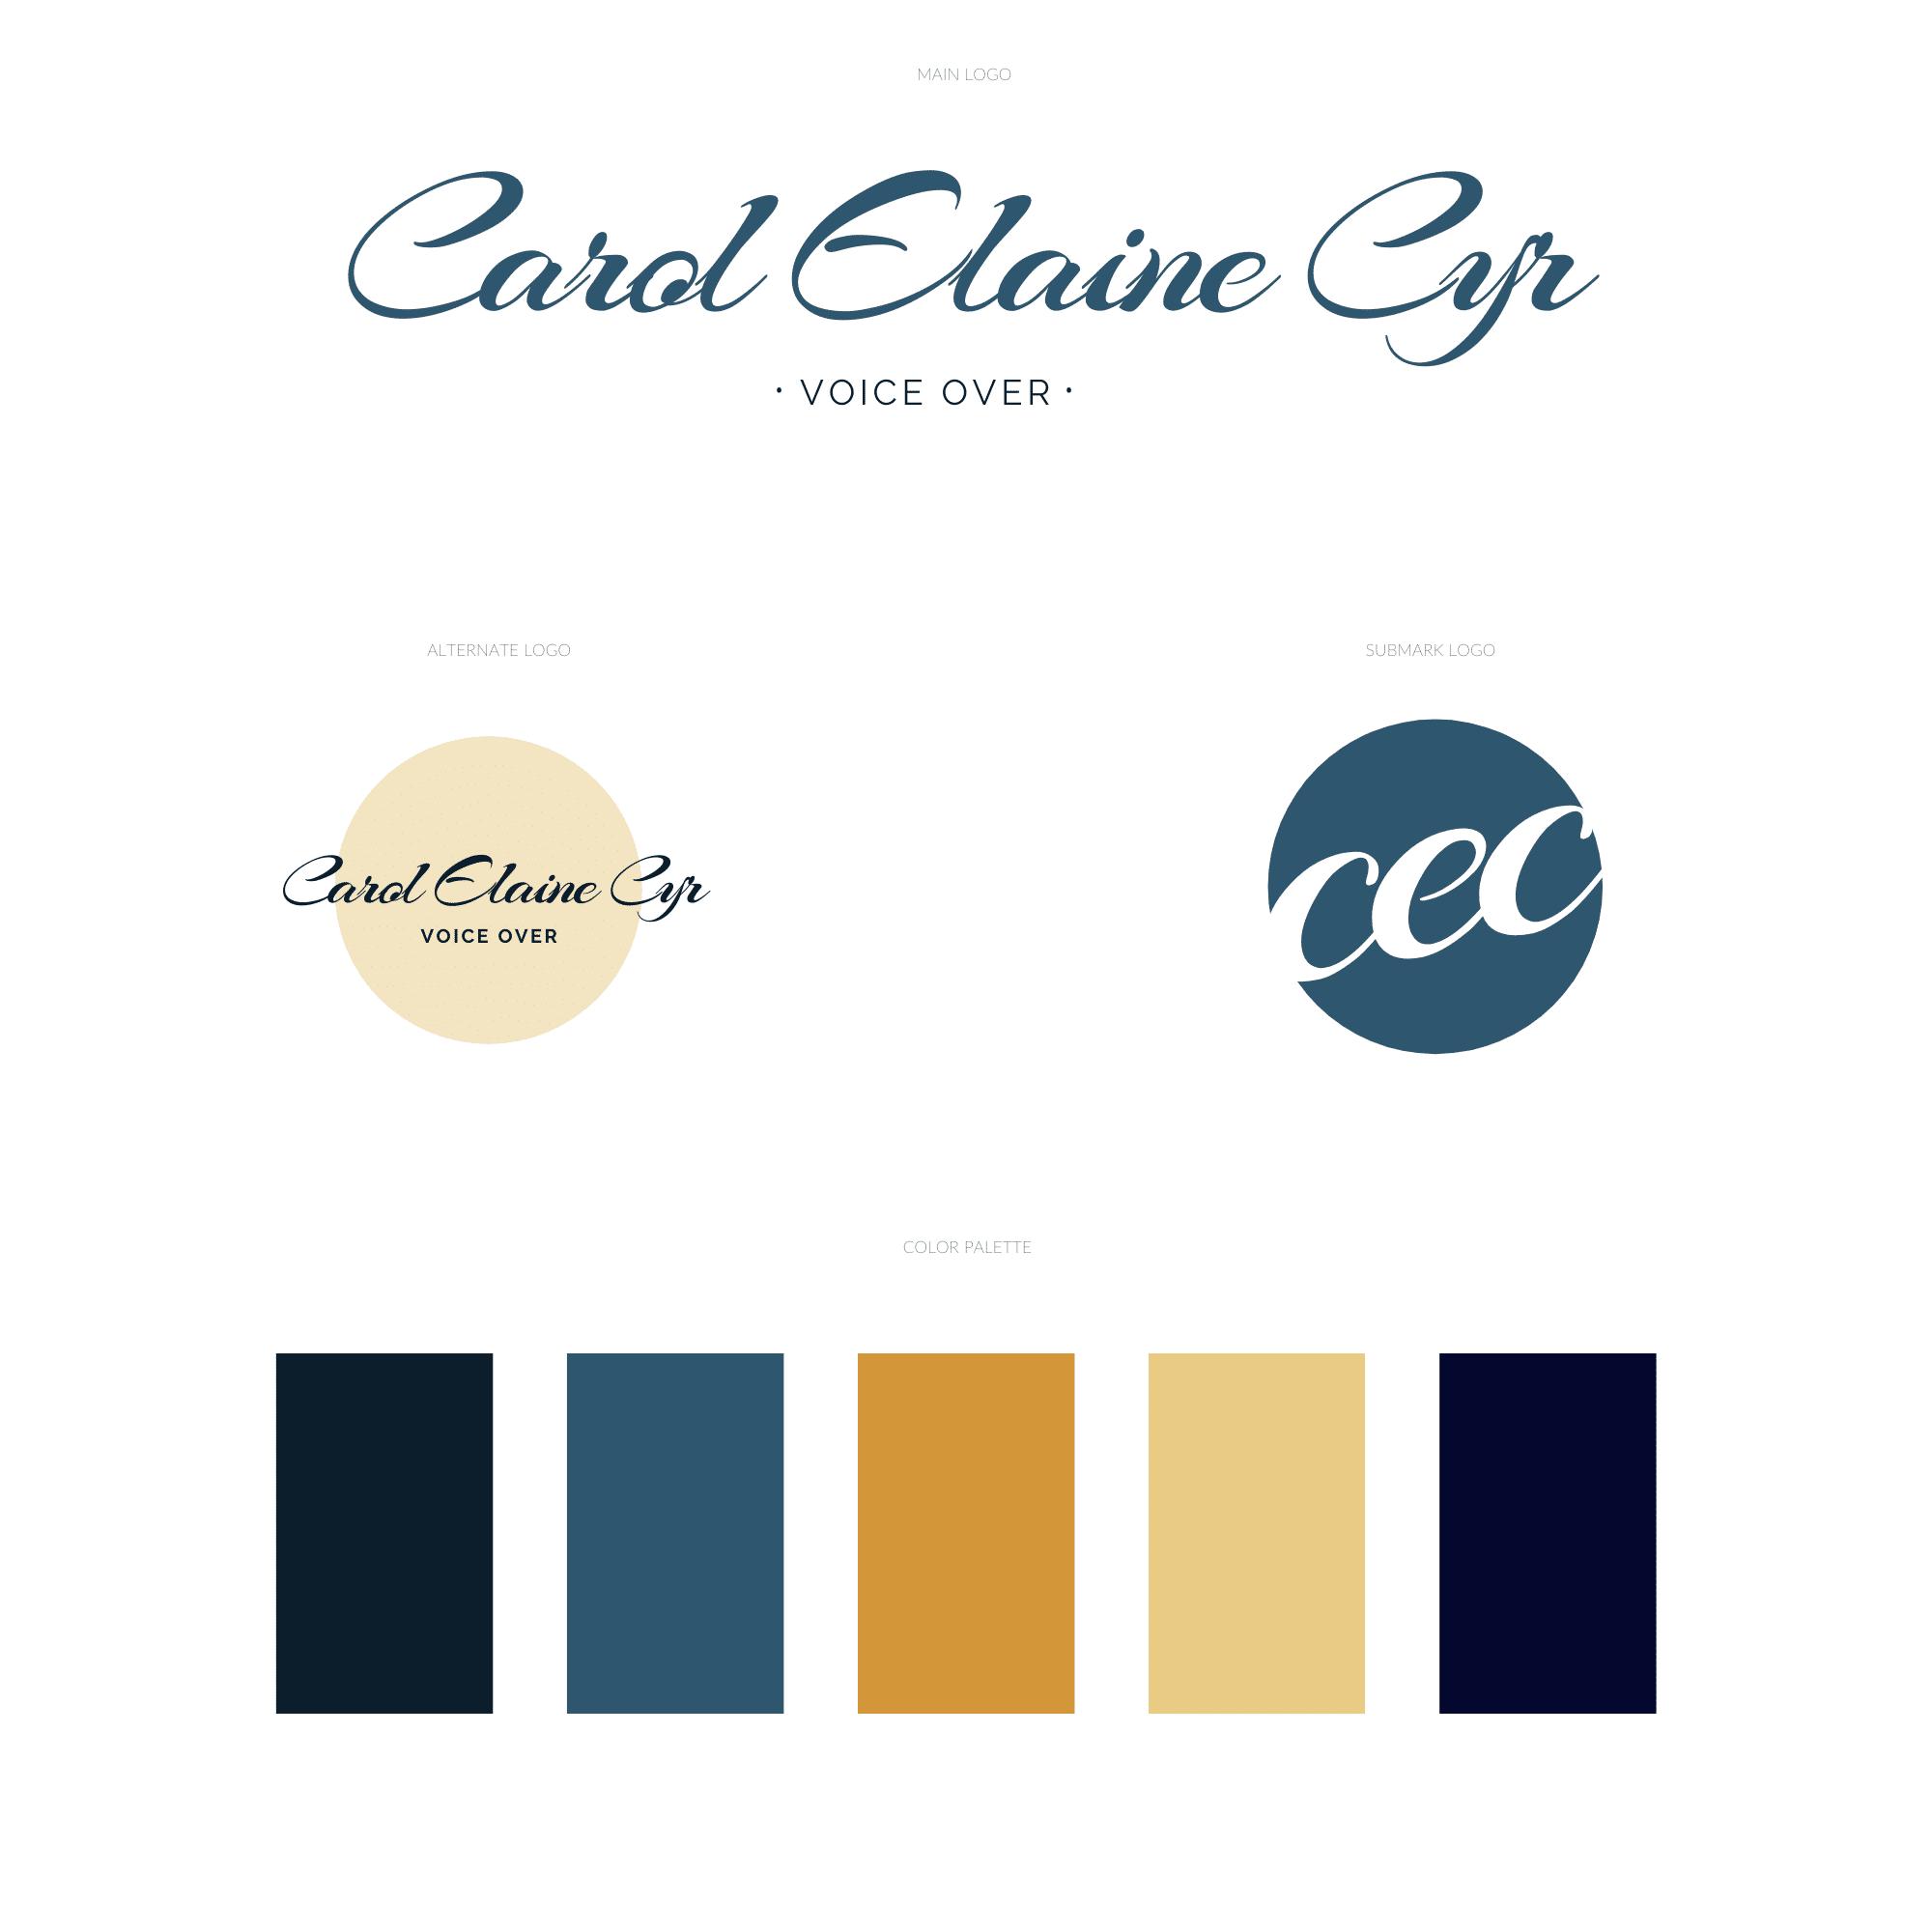 Carol Elaine Cyr Logo Option 5 (1)